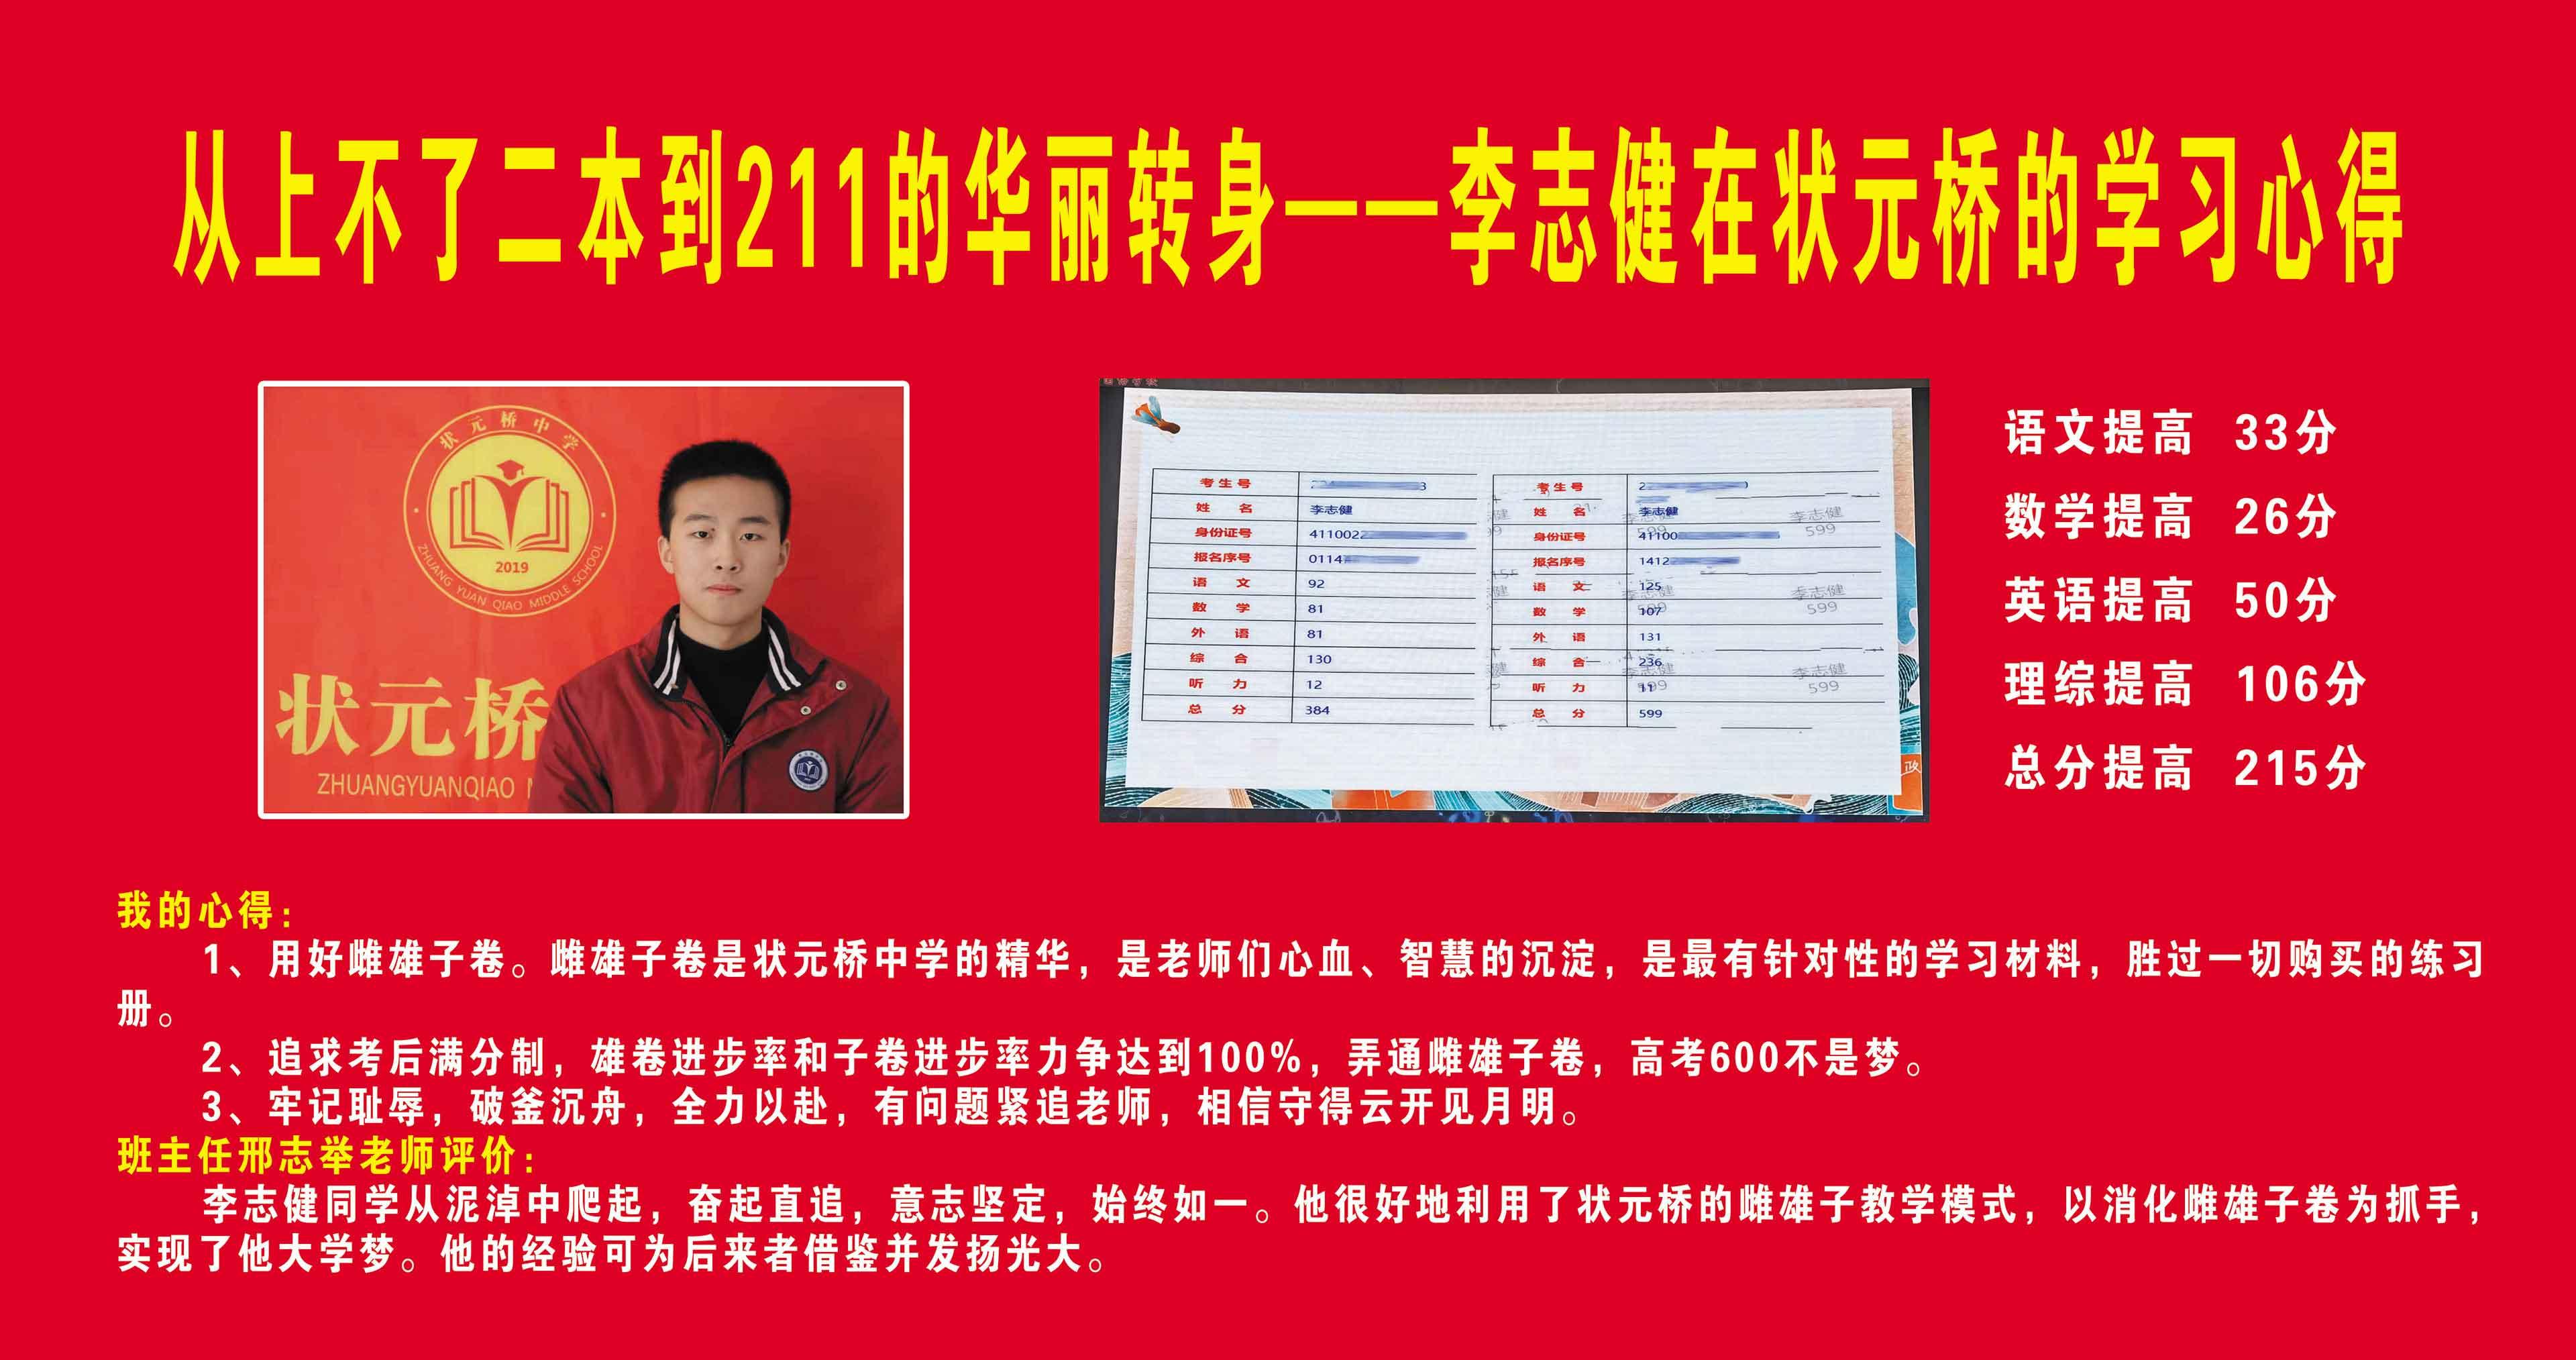 2021高校录取榜(李志建).jpg